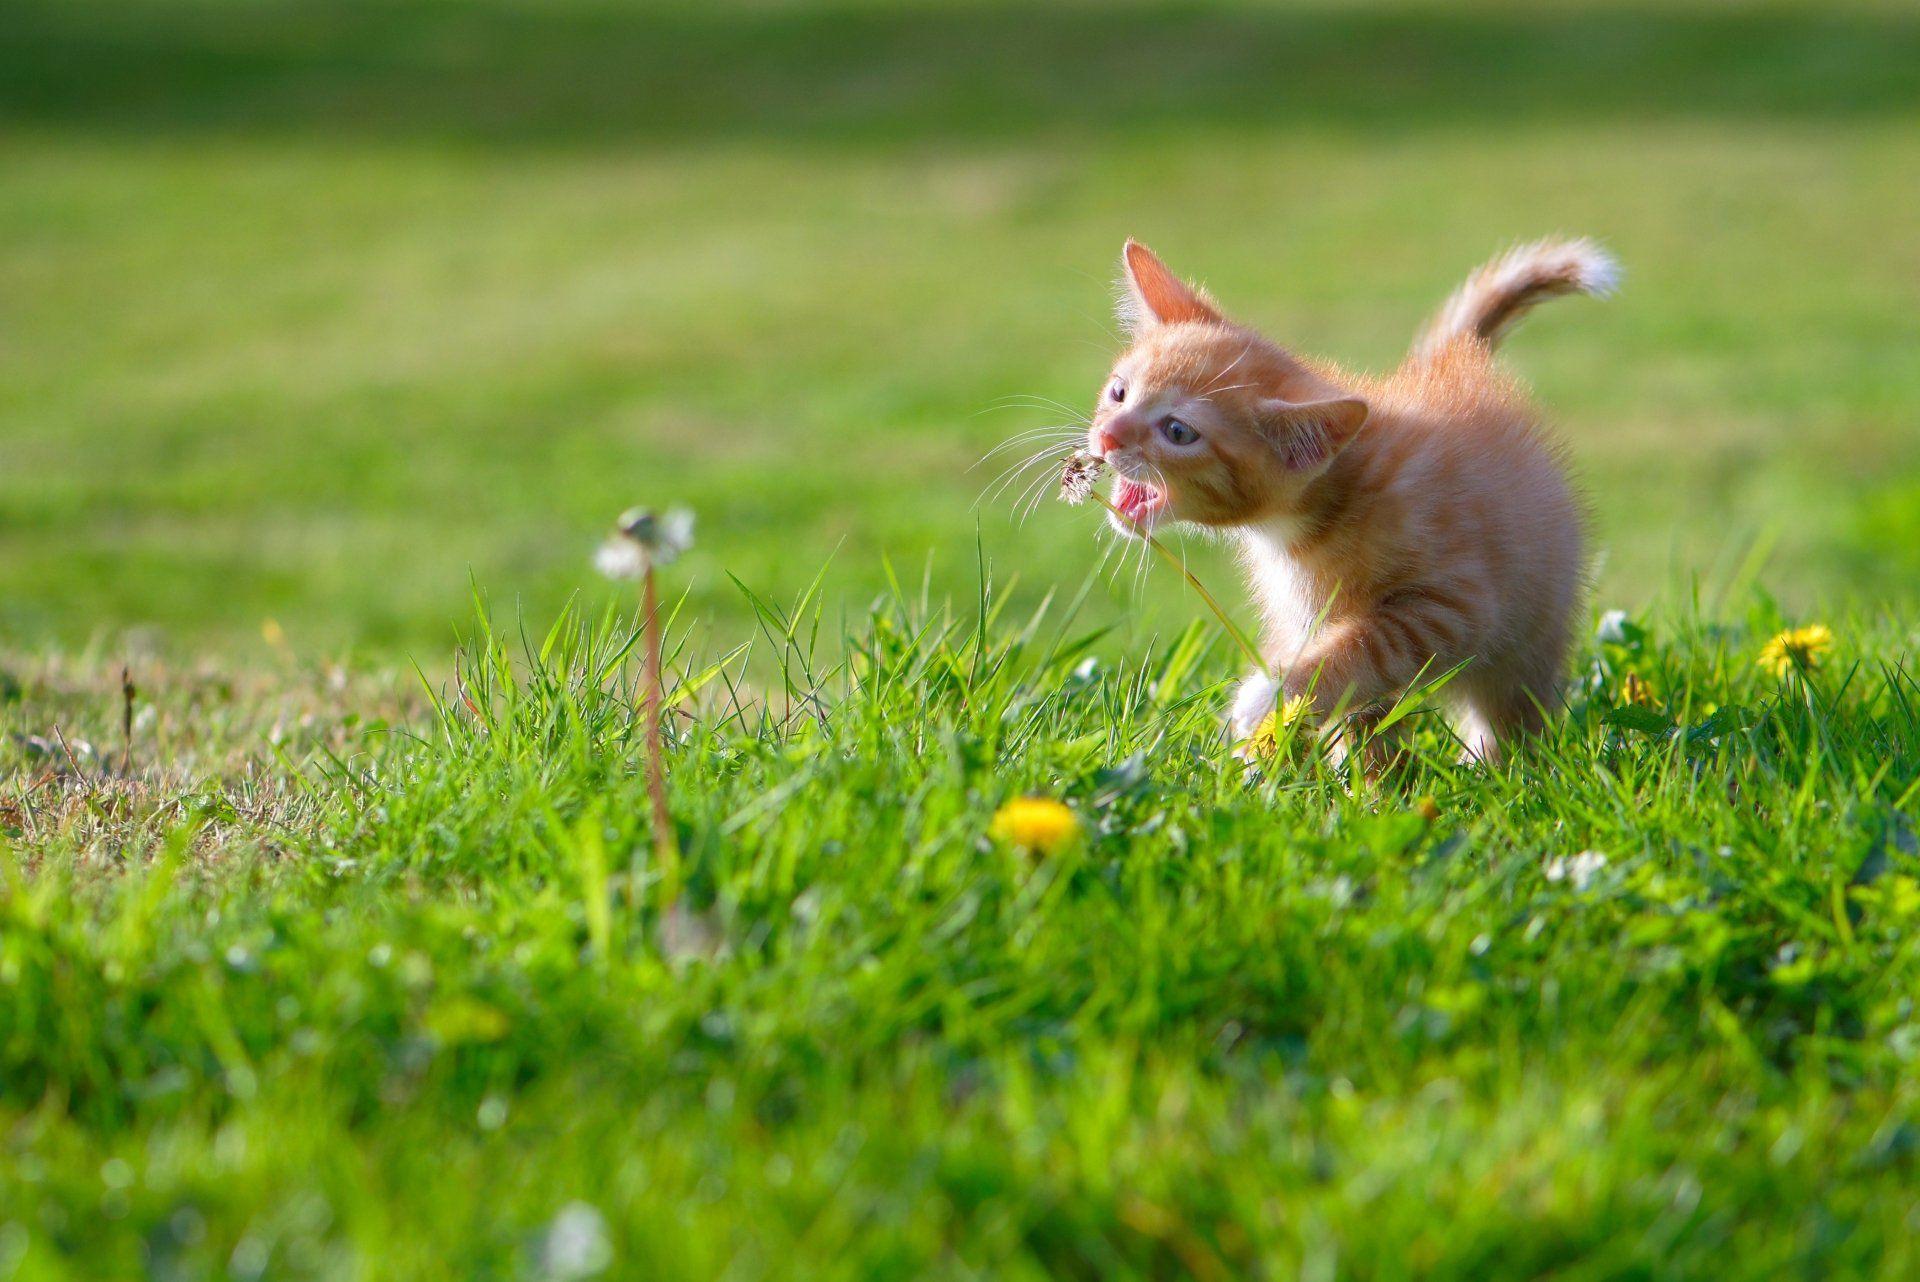 辟谣:养猫的都遇到过,睡着后猫咪凑到脸边上,它到底在闻什么?